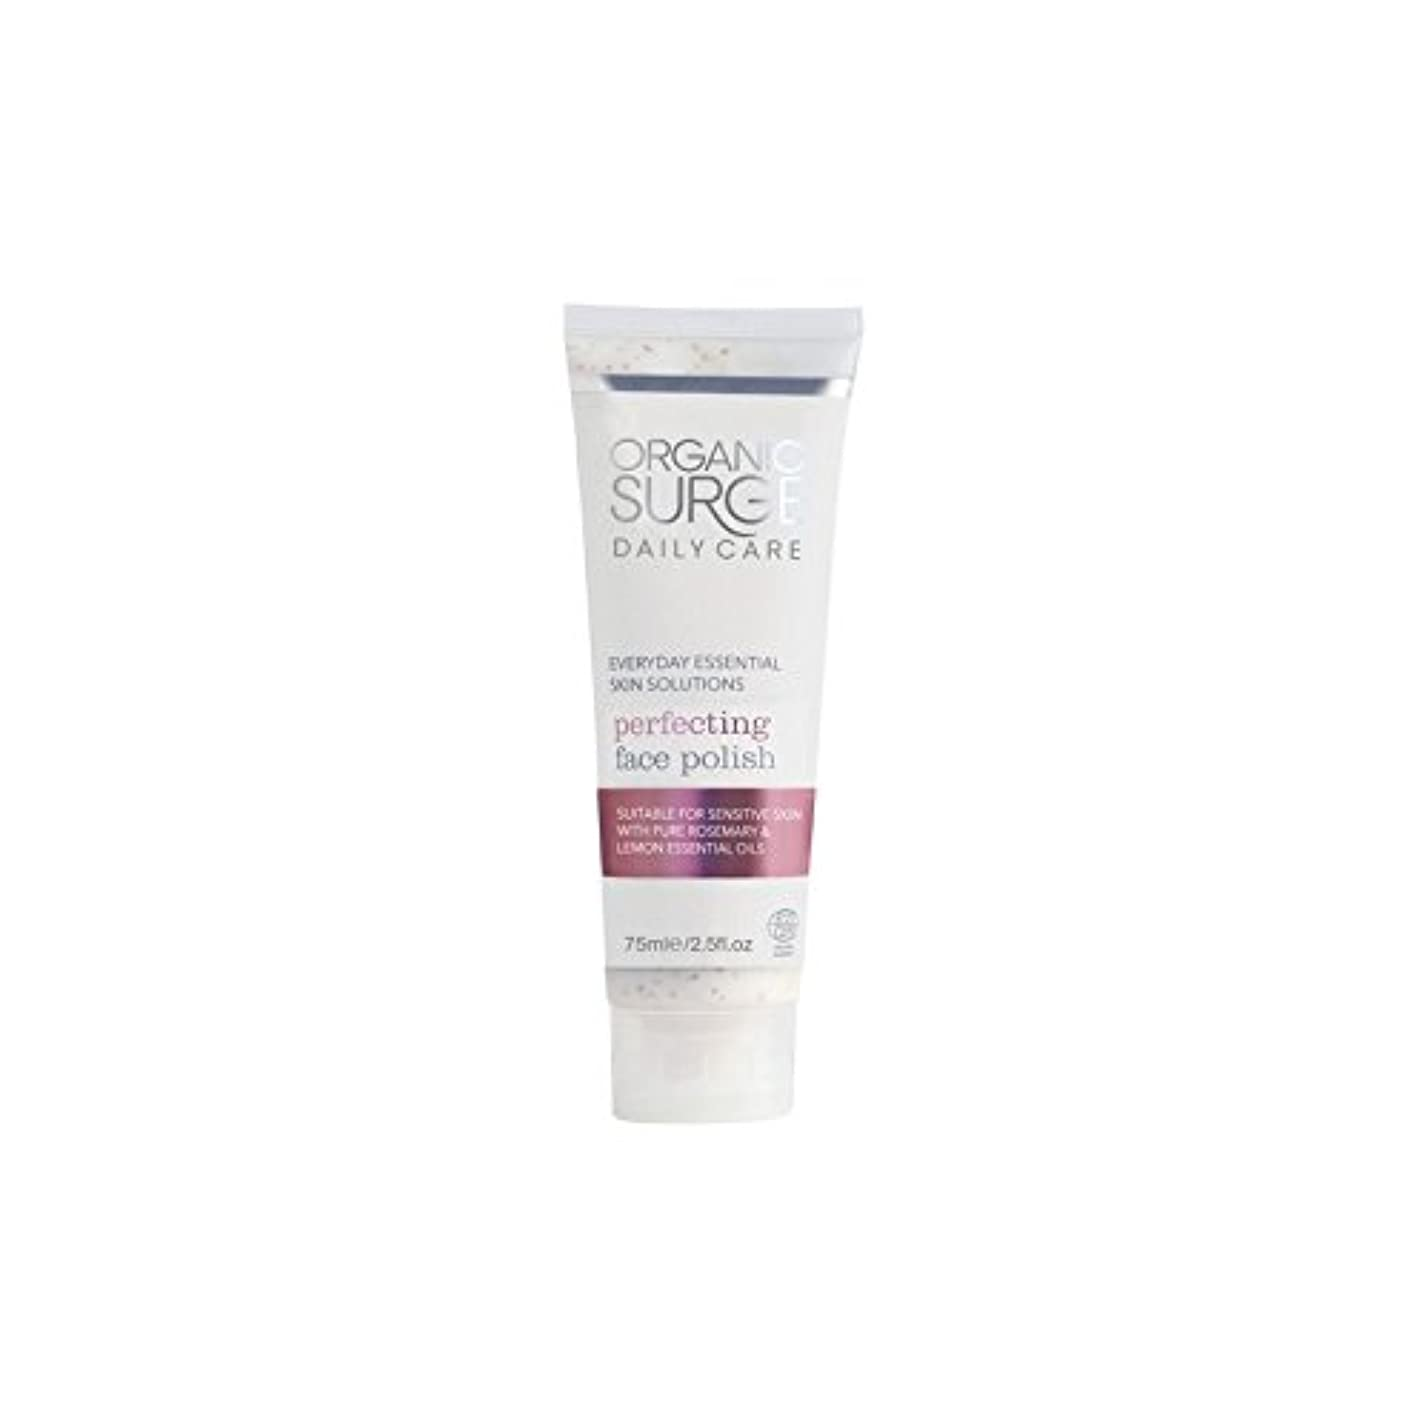 アラビア語頑丈かわいらしい面研磨を完成有機サージ毎日のケア(75ミリリットル) x4 - Organic Surge Daily Care Perfecting Face Polish (75ml) (Pack of 4) [並行輸入品]